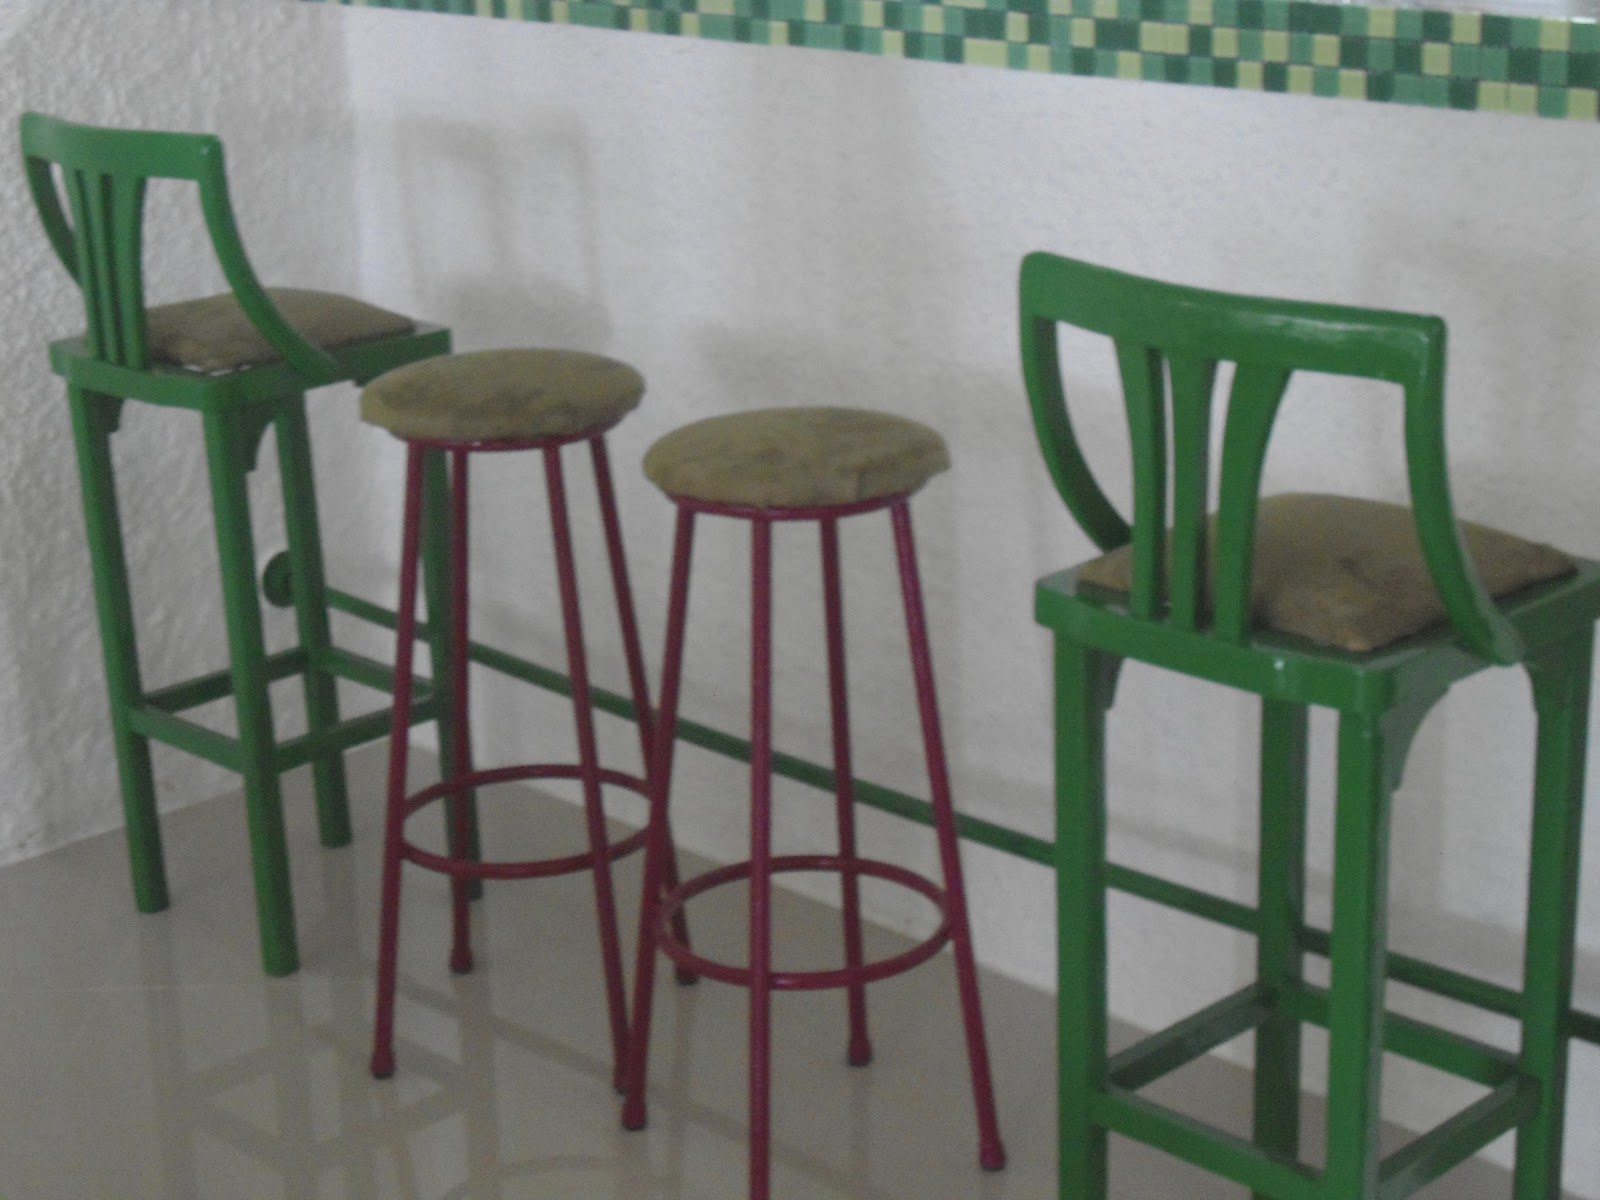 #385E3E APROVEITANDO BANQUETAS DE FERRO E DE MADEIRA QUE IRIAM PRO LIXO PARA  1600x1200 px Banquetas Para Cozinha Americana Em Madeira_2797 Imagens